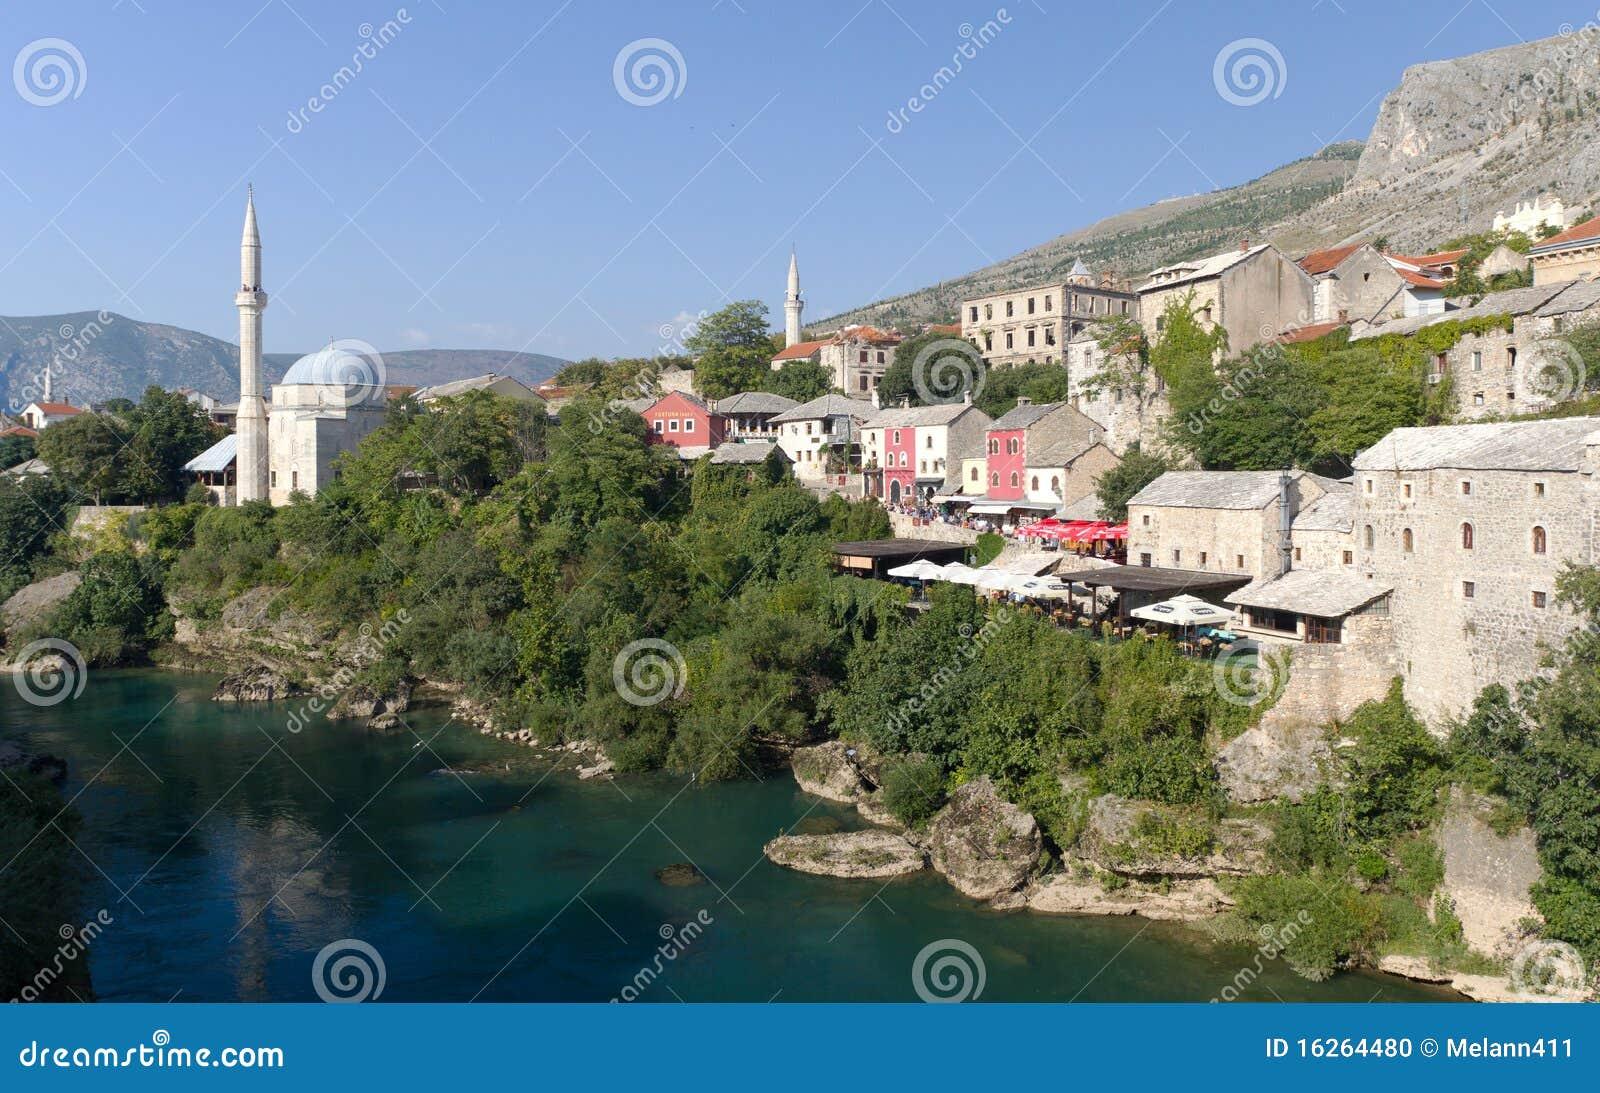 moschee und systeme in mostar bosnien herzegowina redaktionelles bild bild 16264480. Black Bedroom Furniture Sets. Home Design Ideas